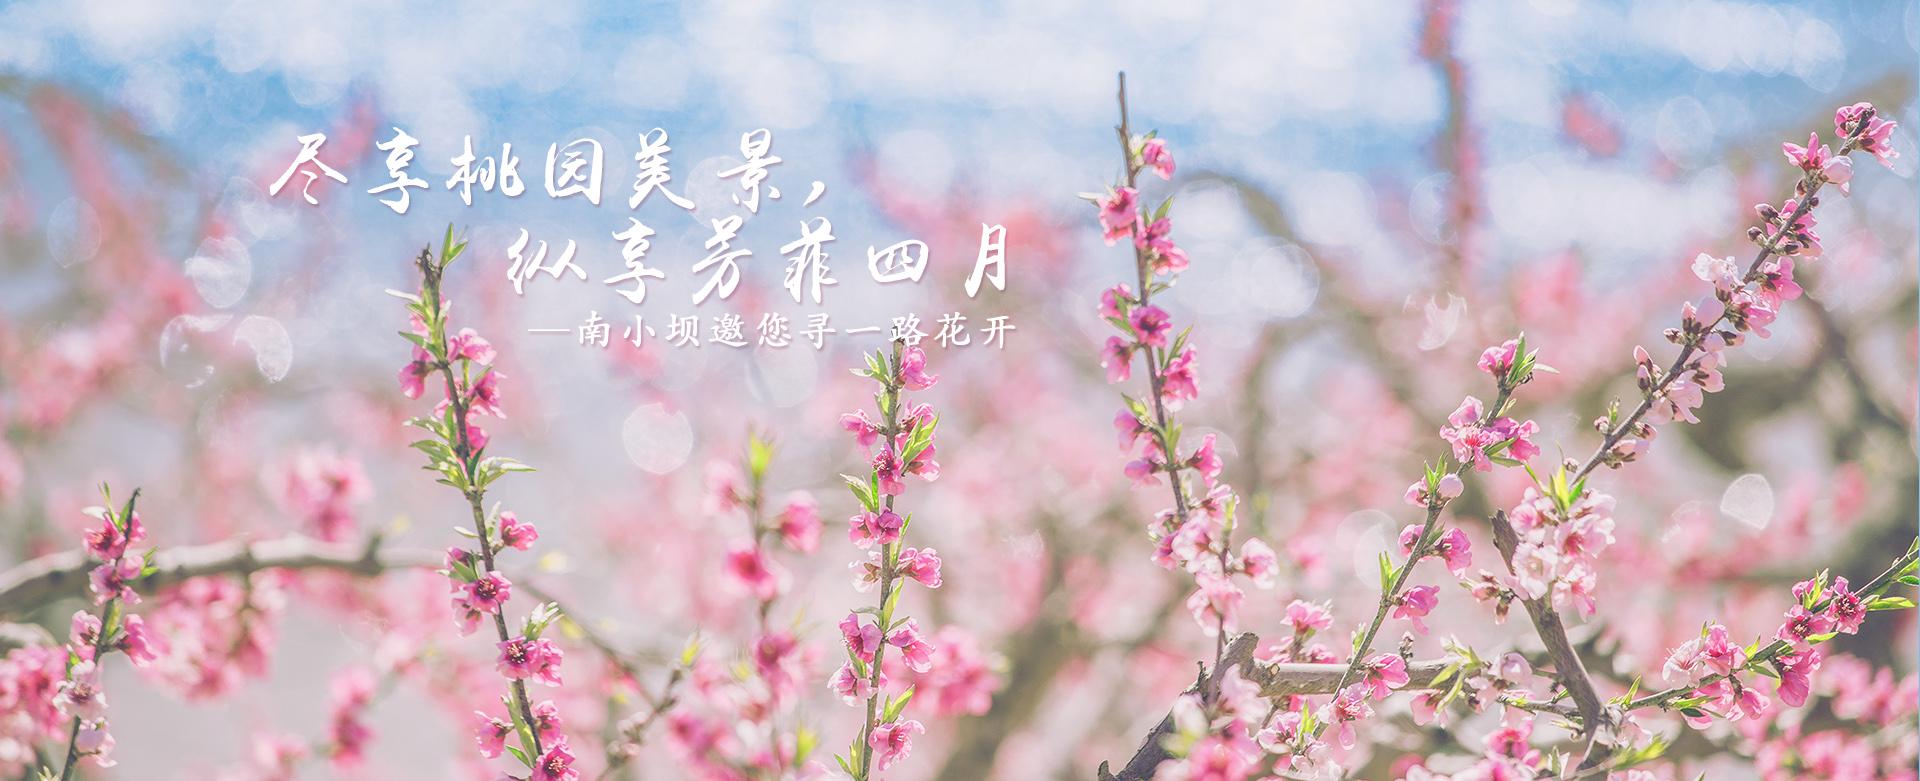 青岛农家乐